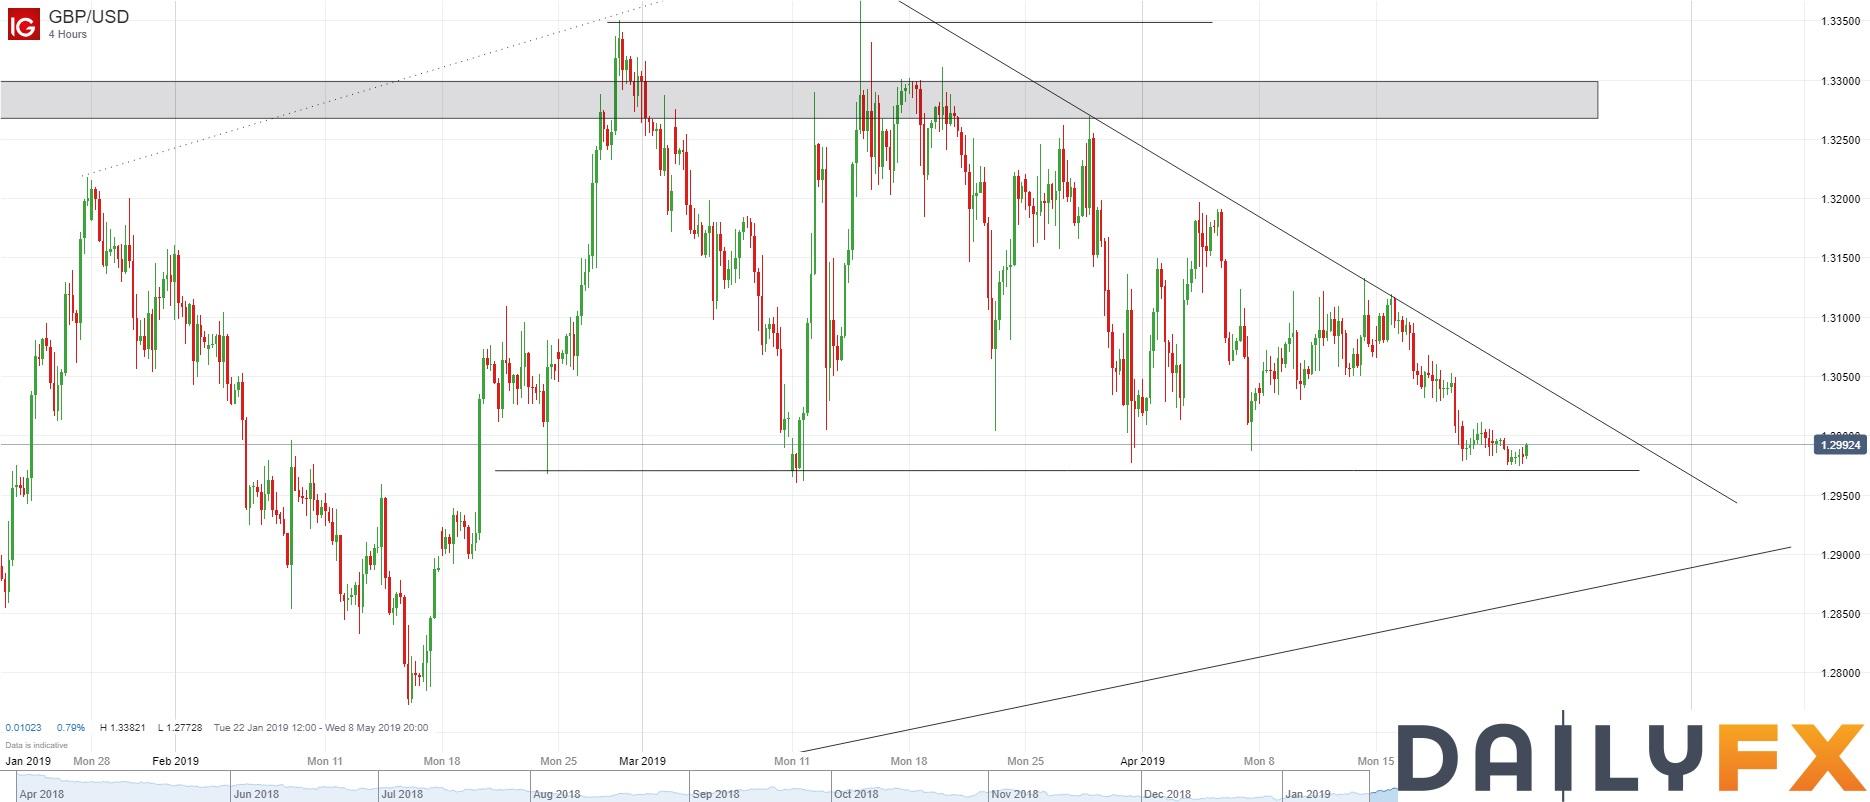 英镑/美元技术分析:密切关注在1.2960-1.3000区域的表现